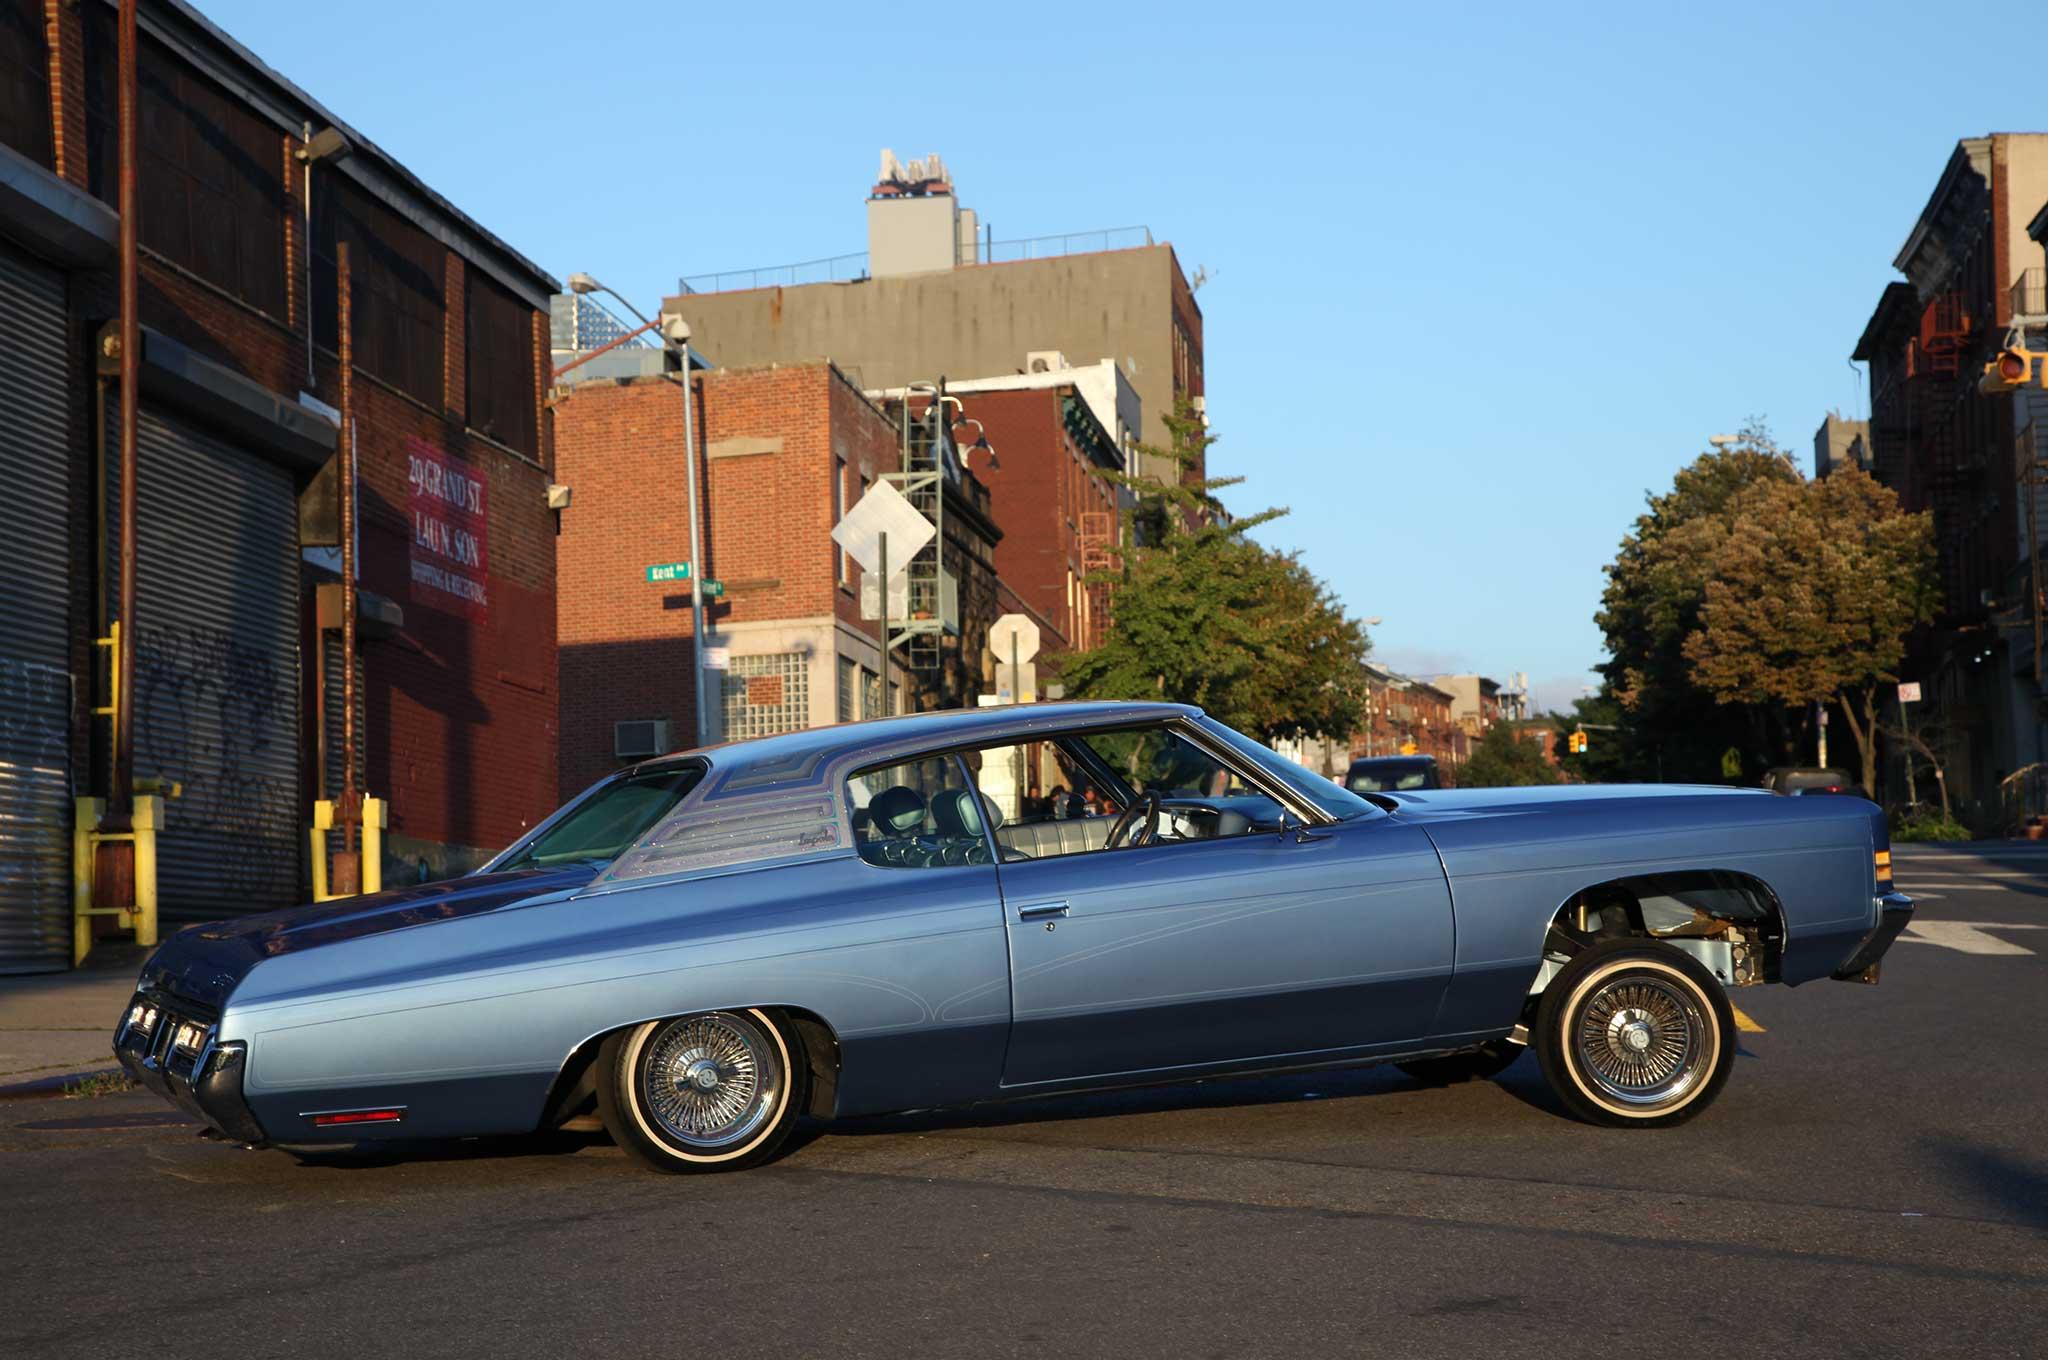 72 Chevy Impala That's LA Built for NY Riding